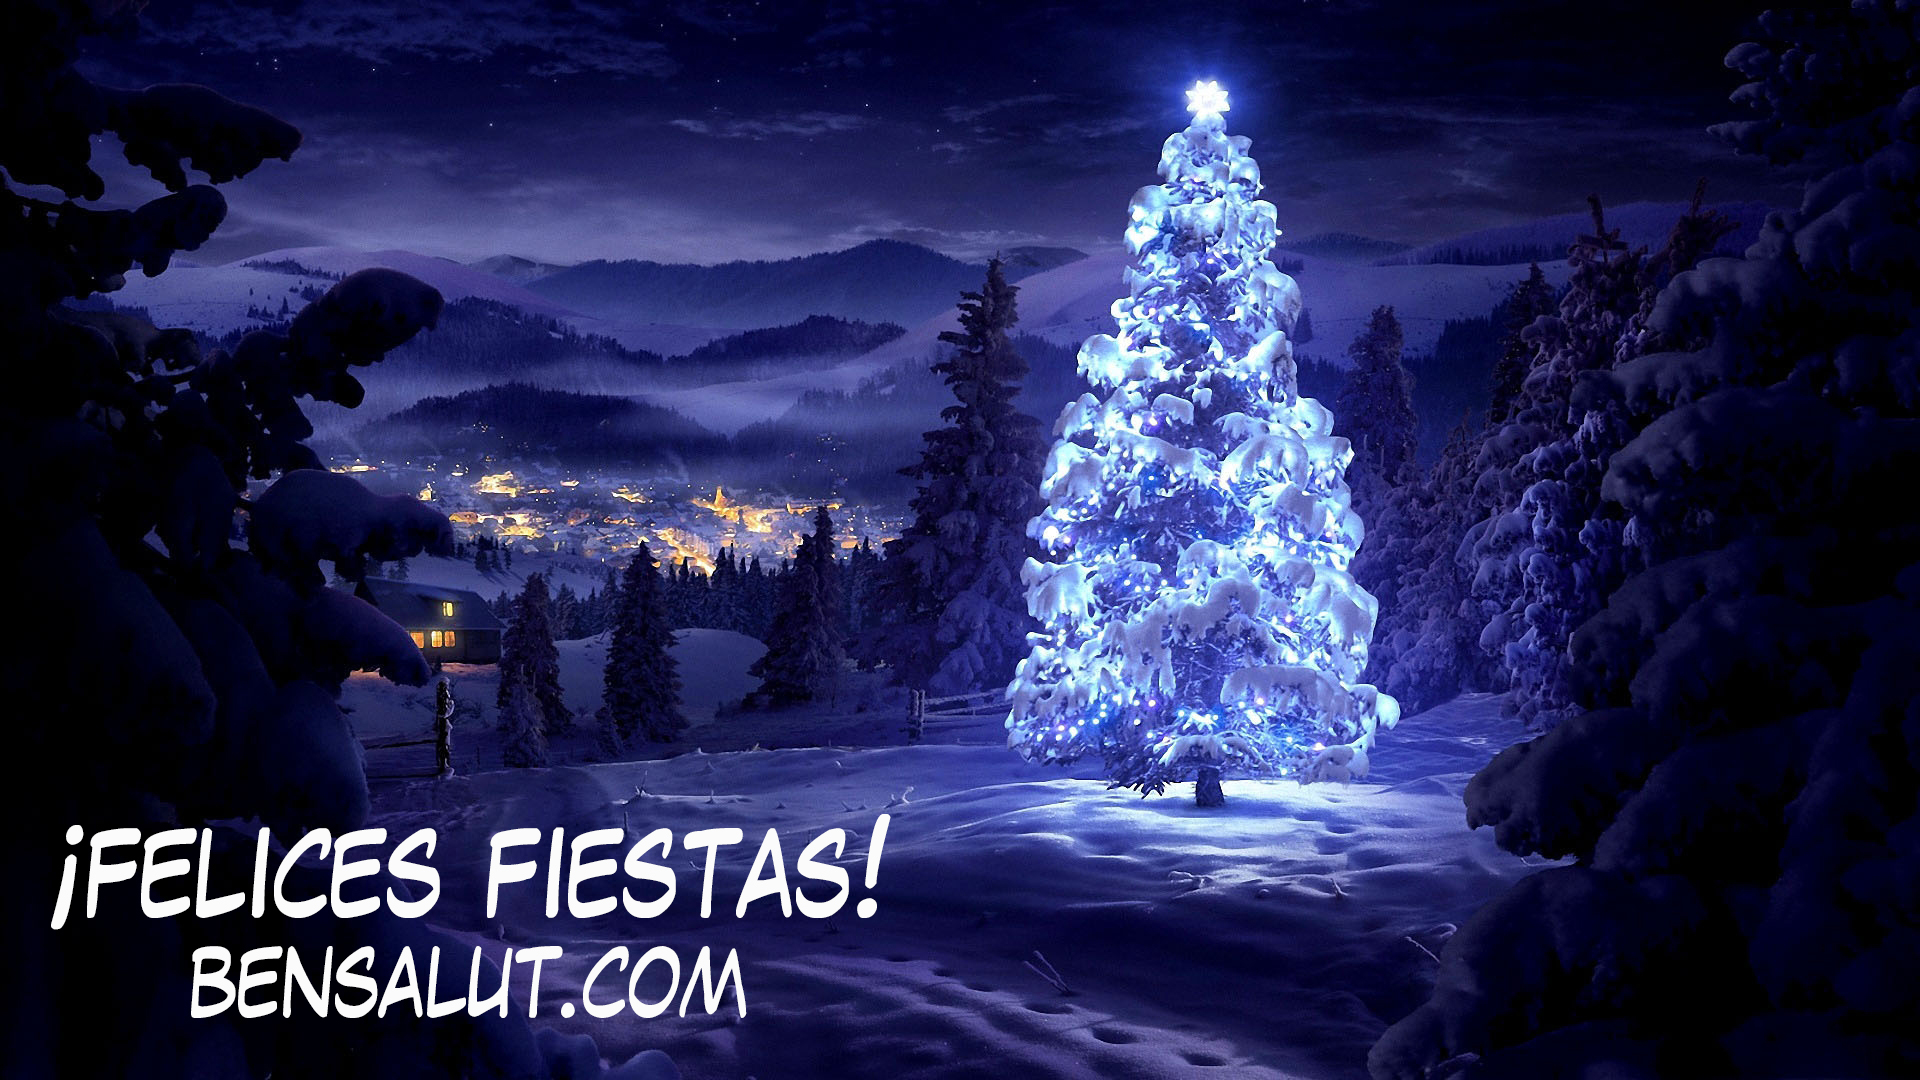 Felices_fiestas.jpg